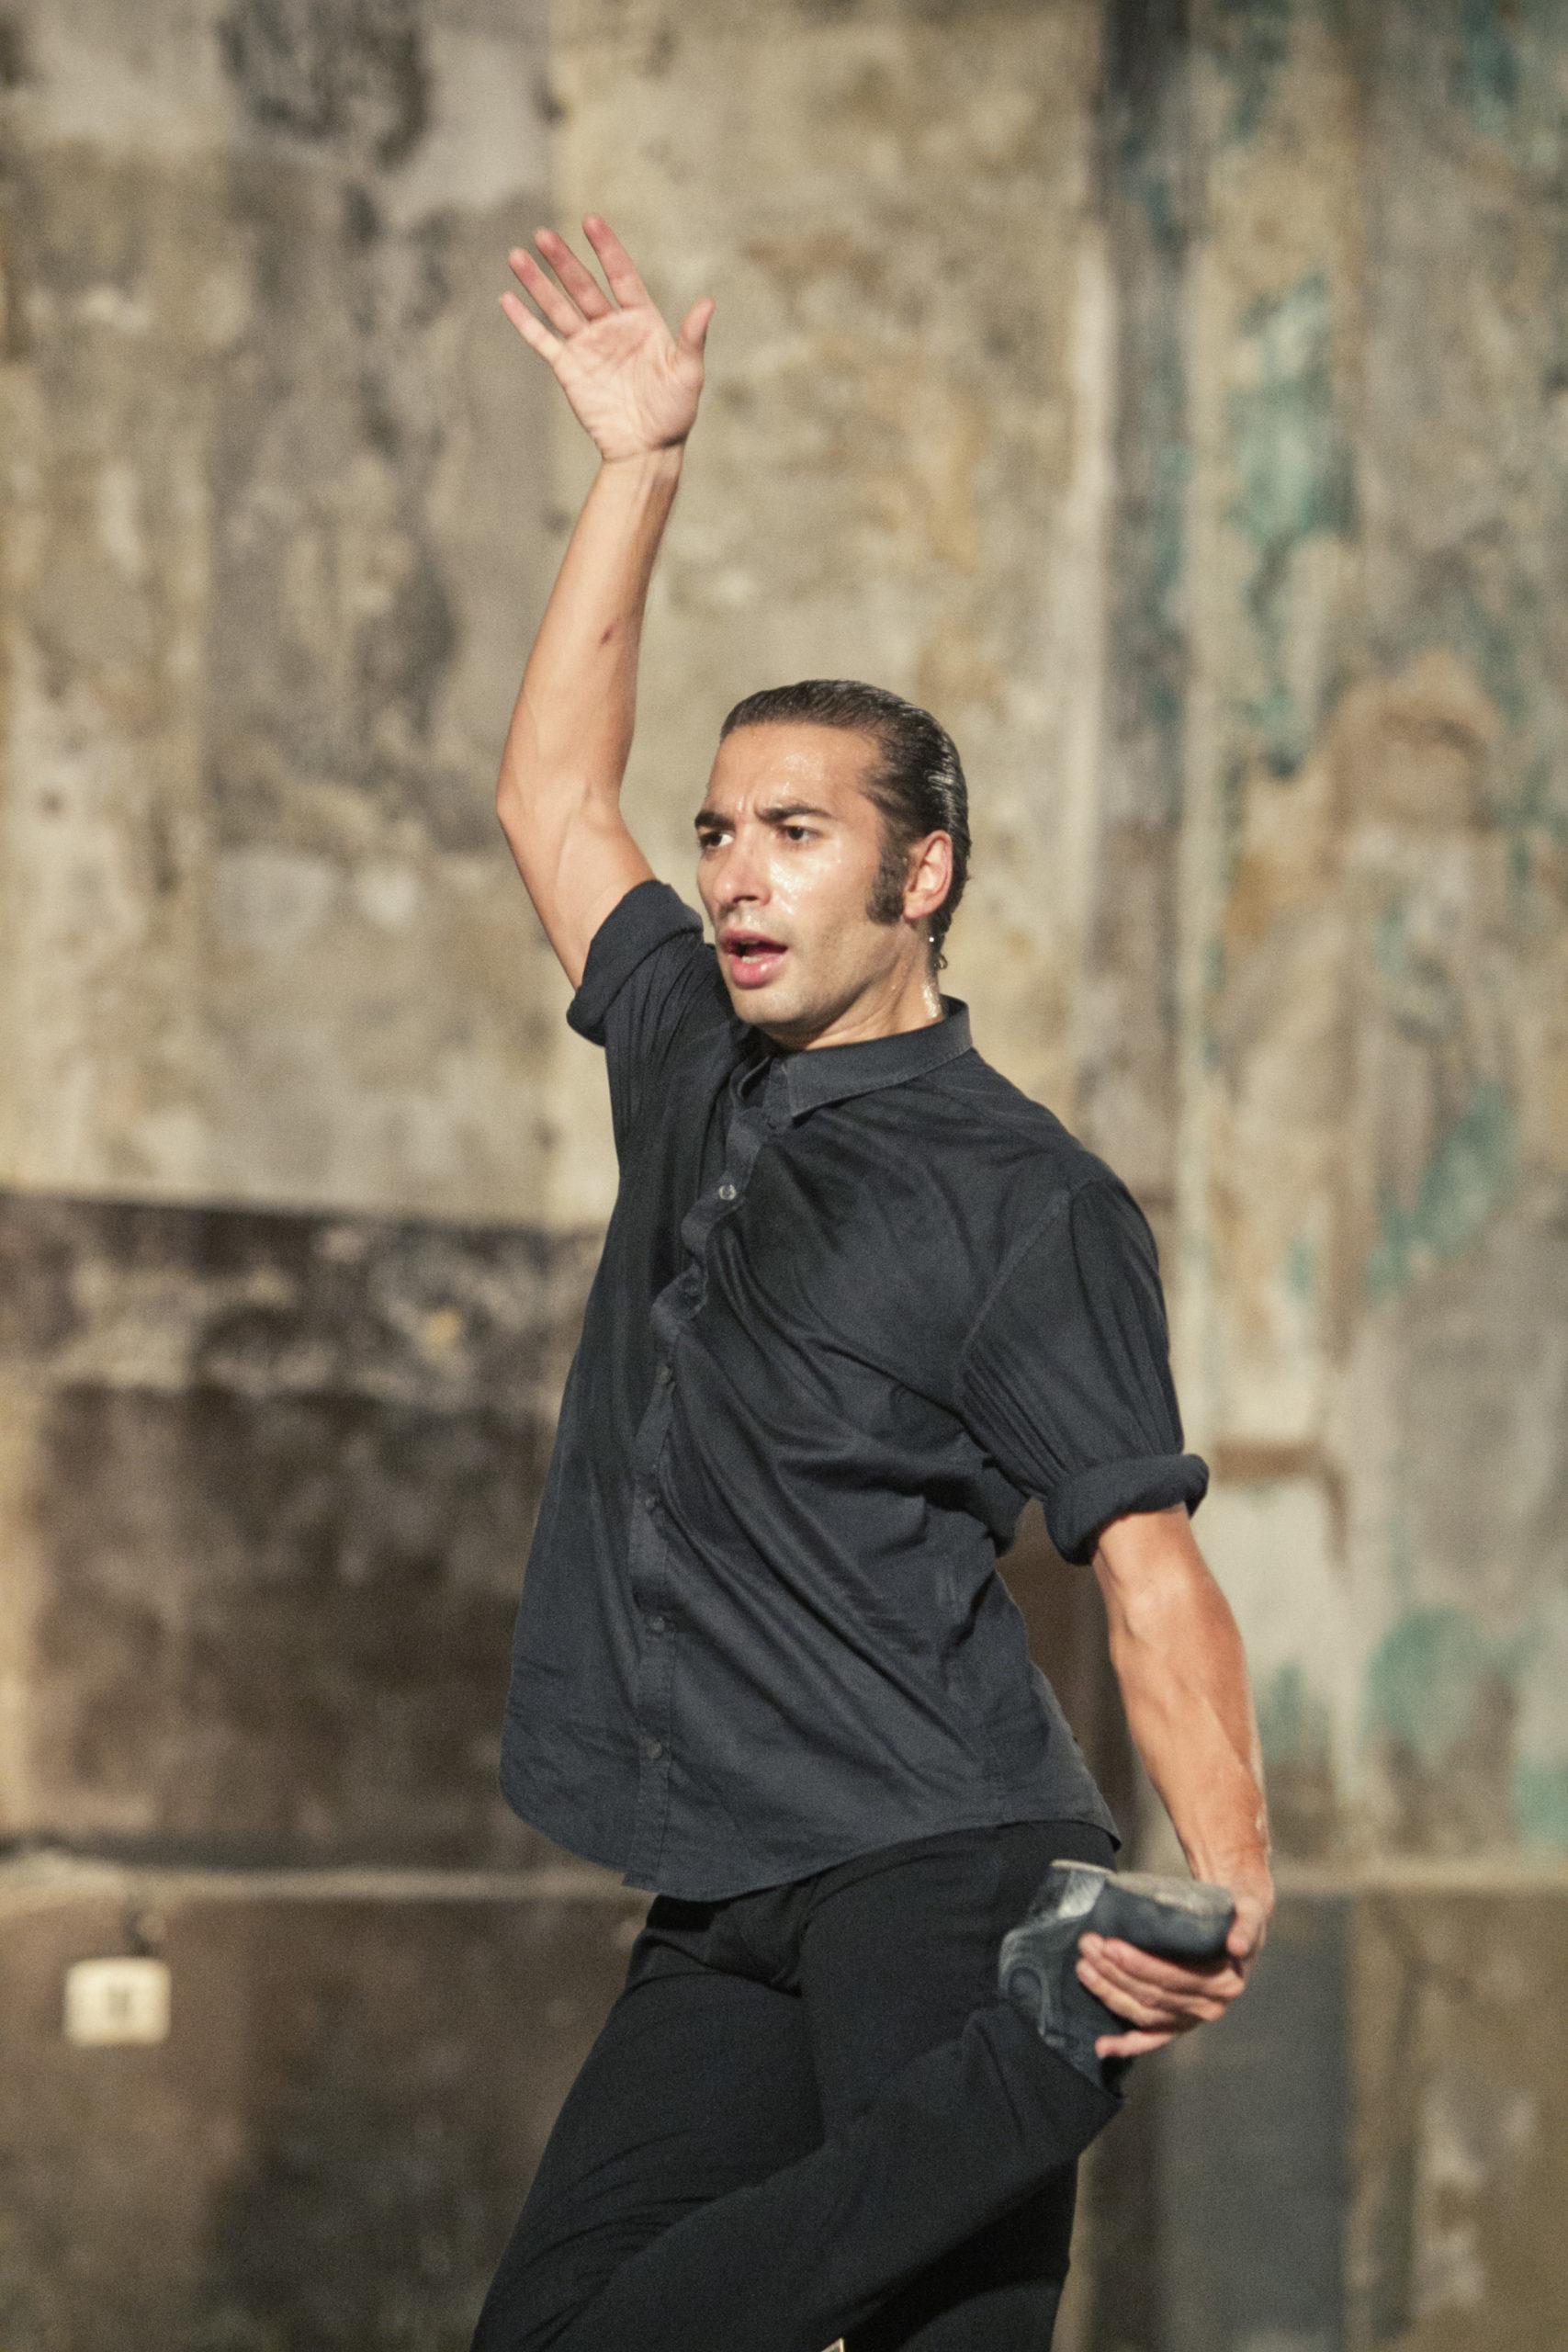 Israel Galván © Luis Castilla: Israel Galván, danseur et chorégraphe espagnol de flamenco sera au festival La Bâtie avec des créations audacieuses qui revisitent le flamenco à travers une approche contemporaine.